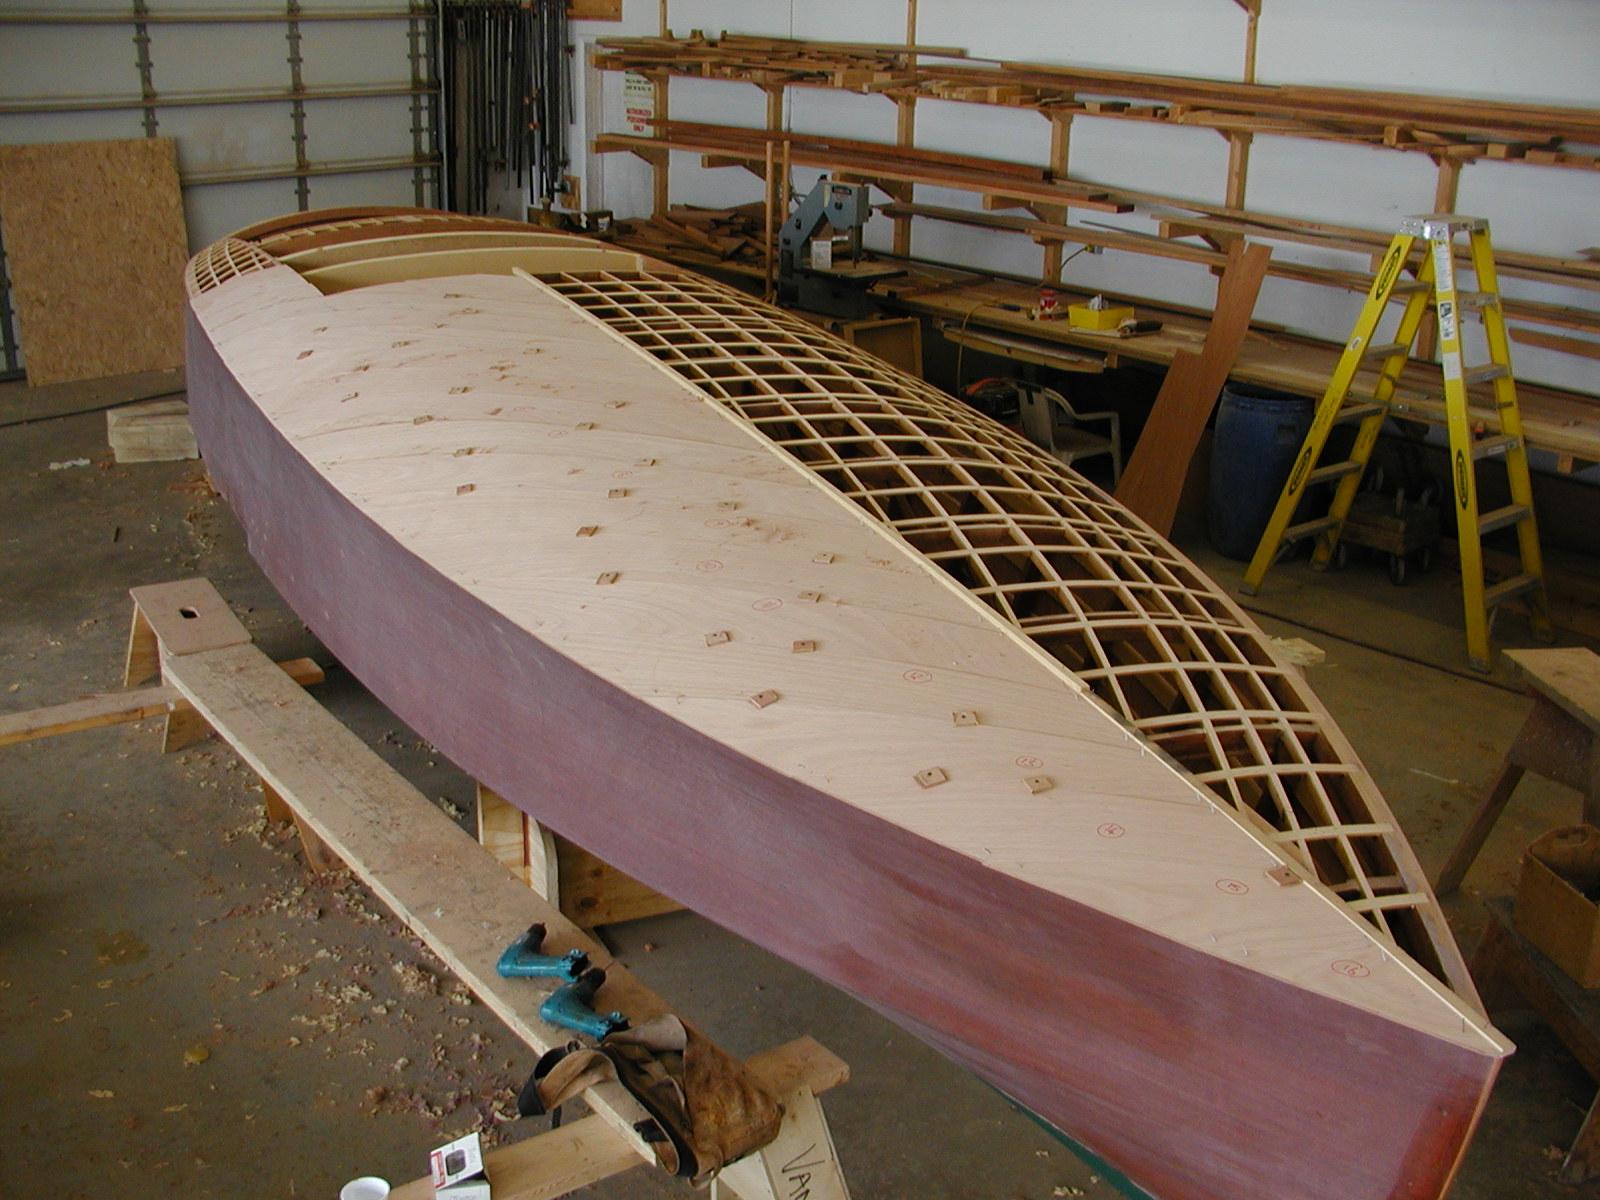 Deck planking on Impshi